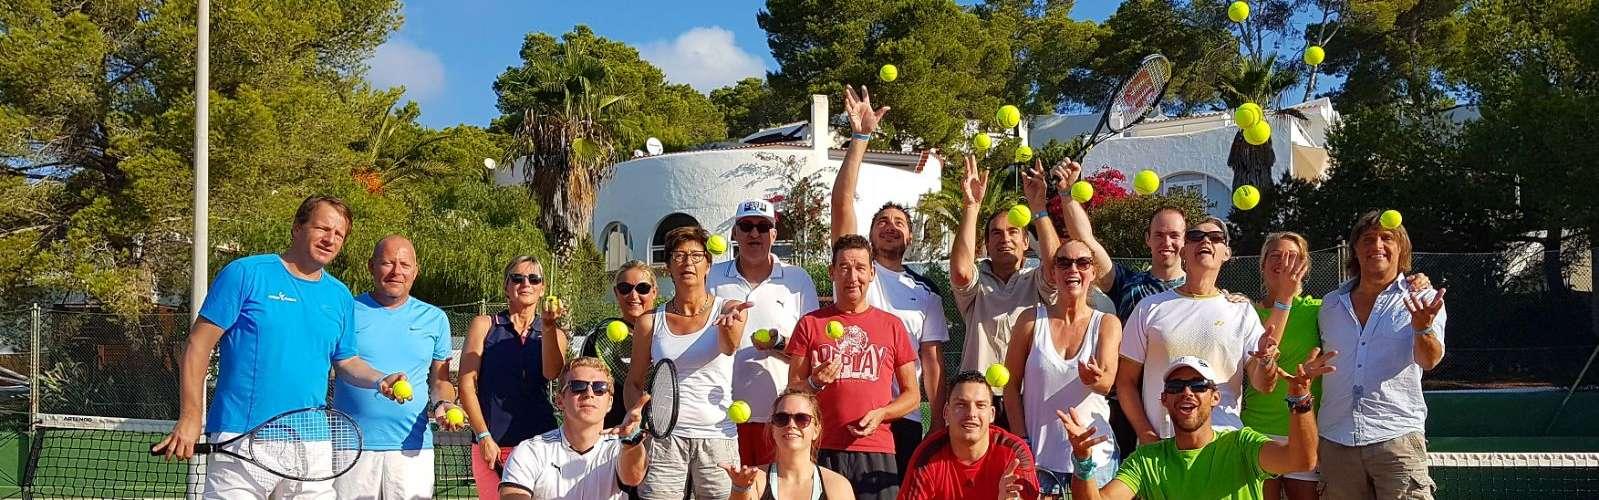 Singlereis Tennis Egypte